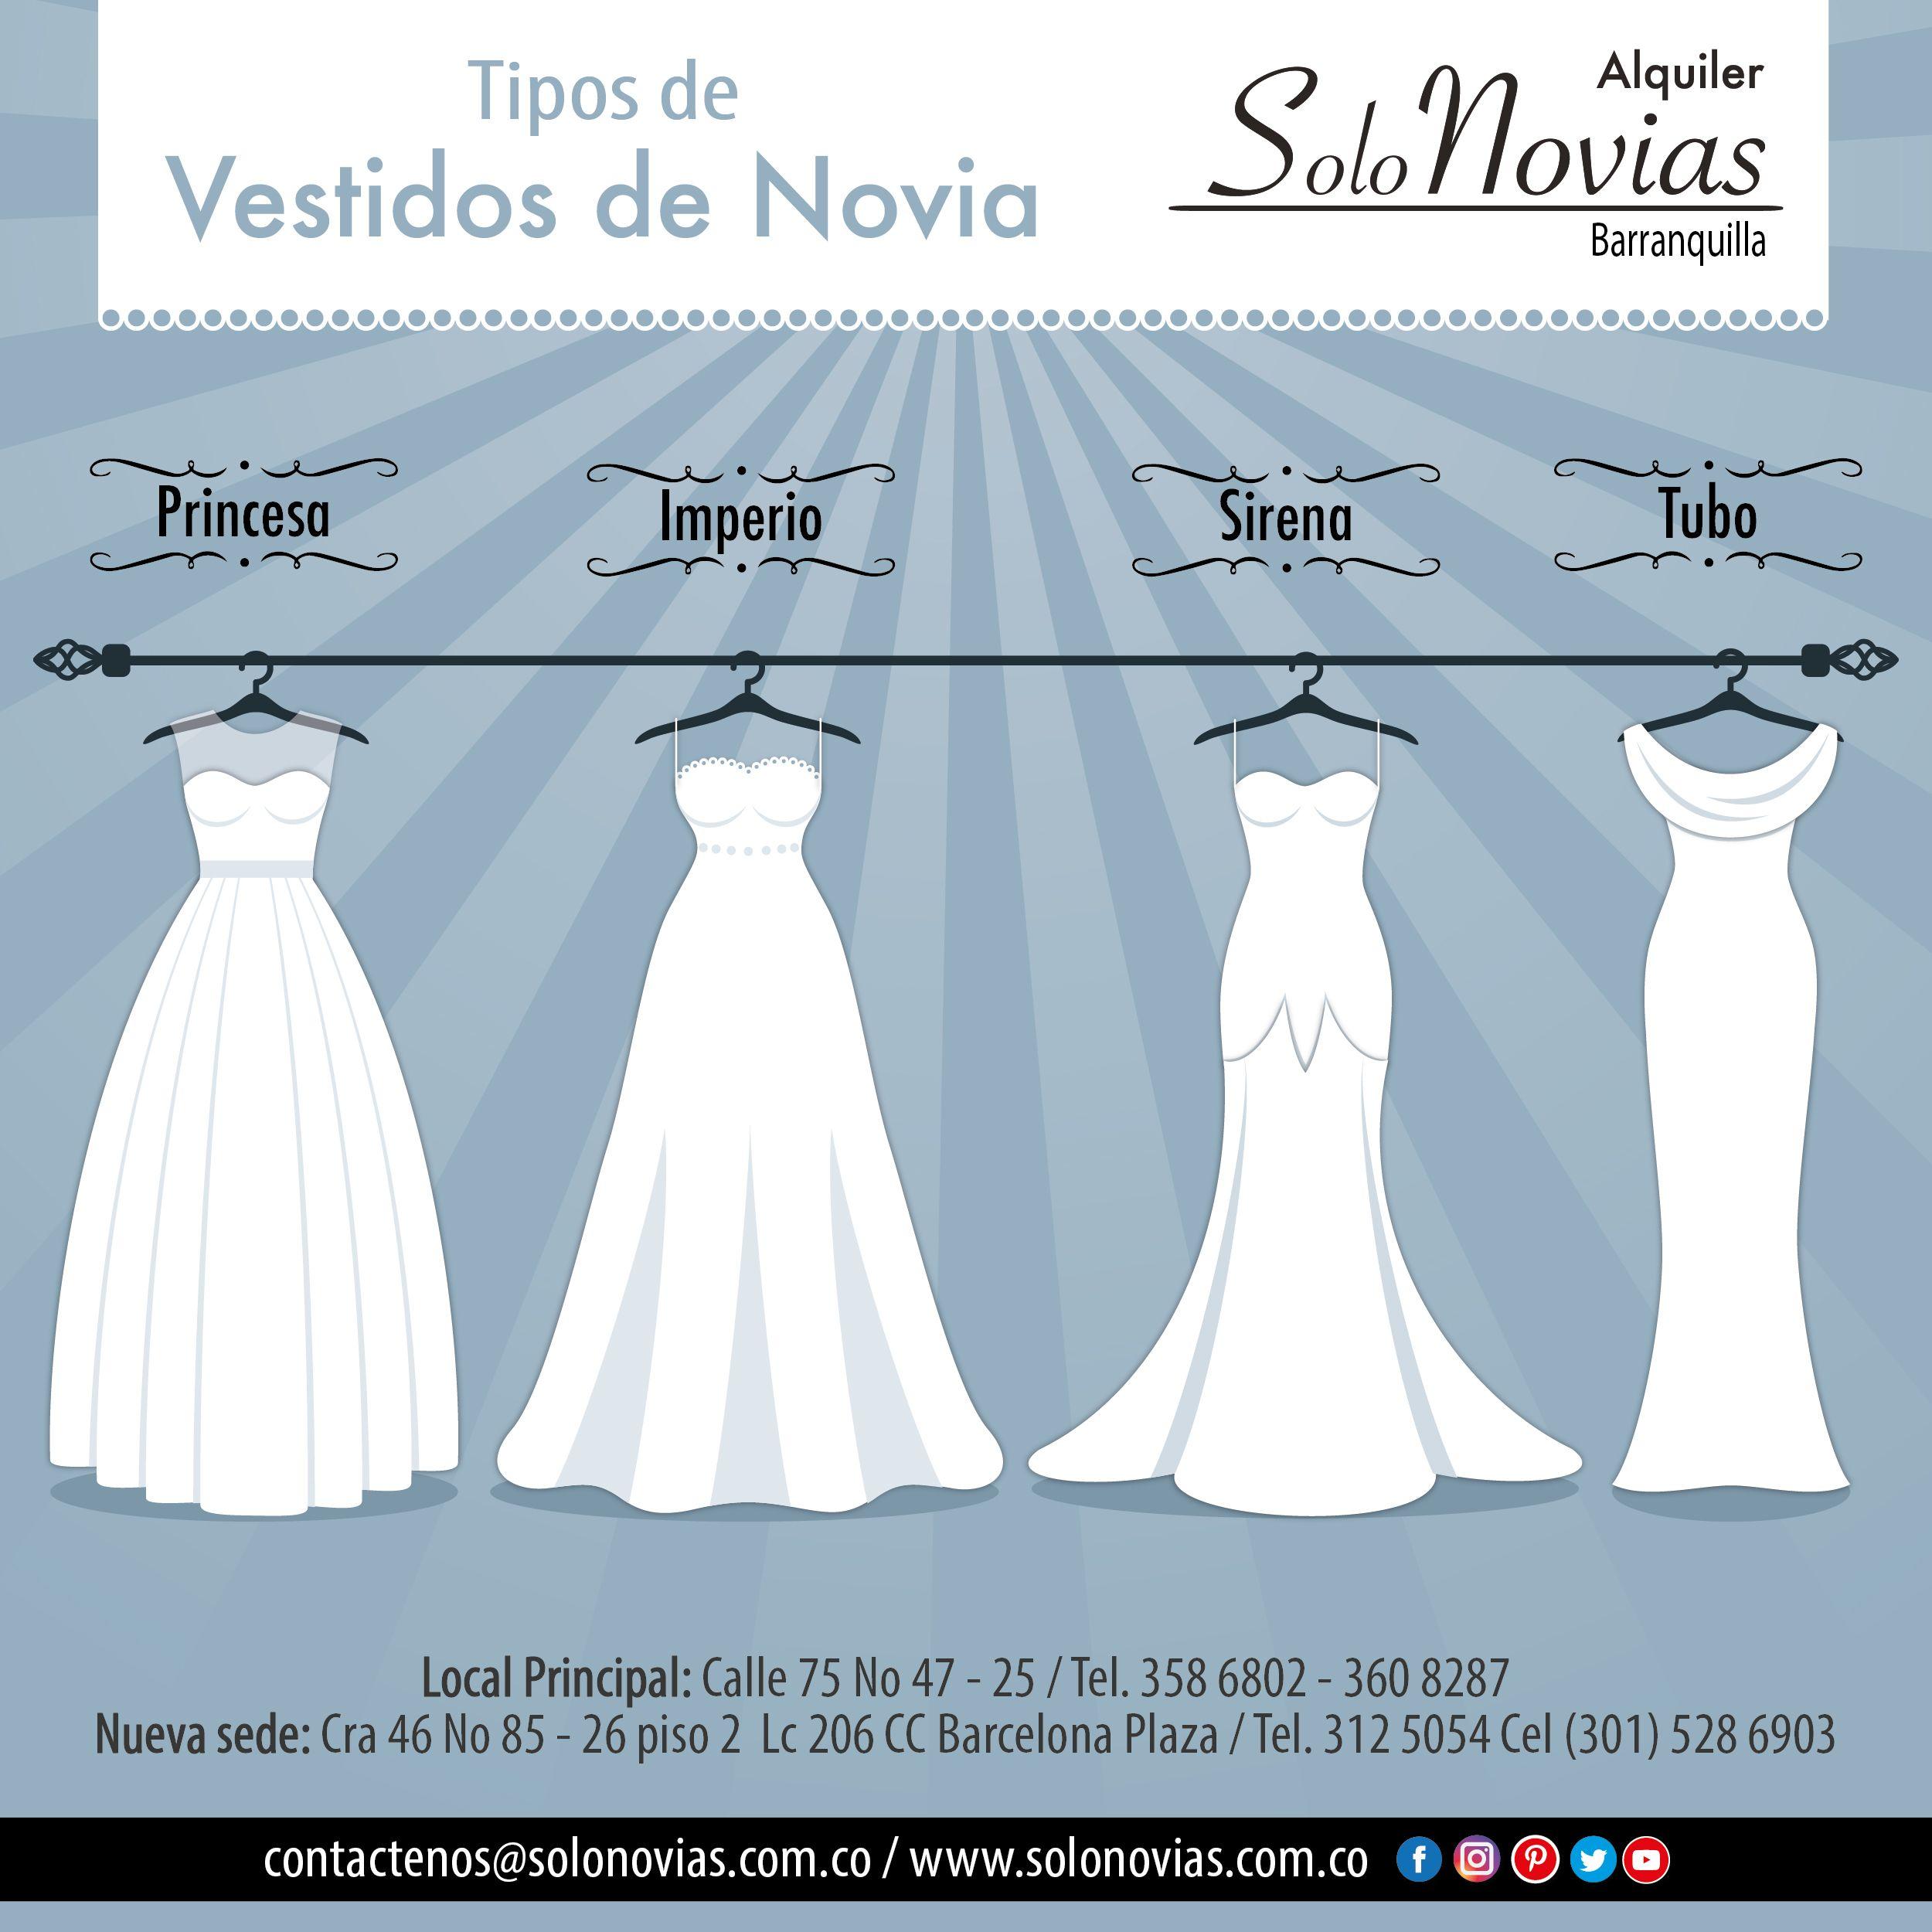 Solo Novias te enseña los tipos de vestidos de Novia. Visítanos ...